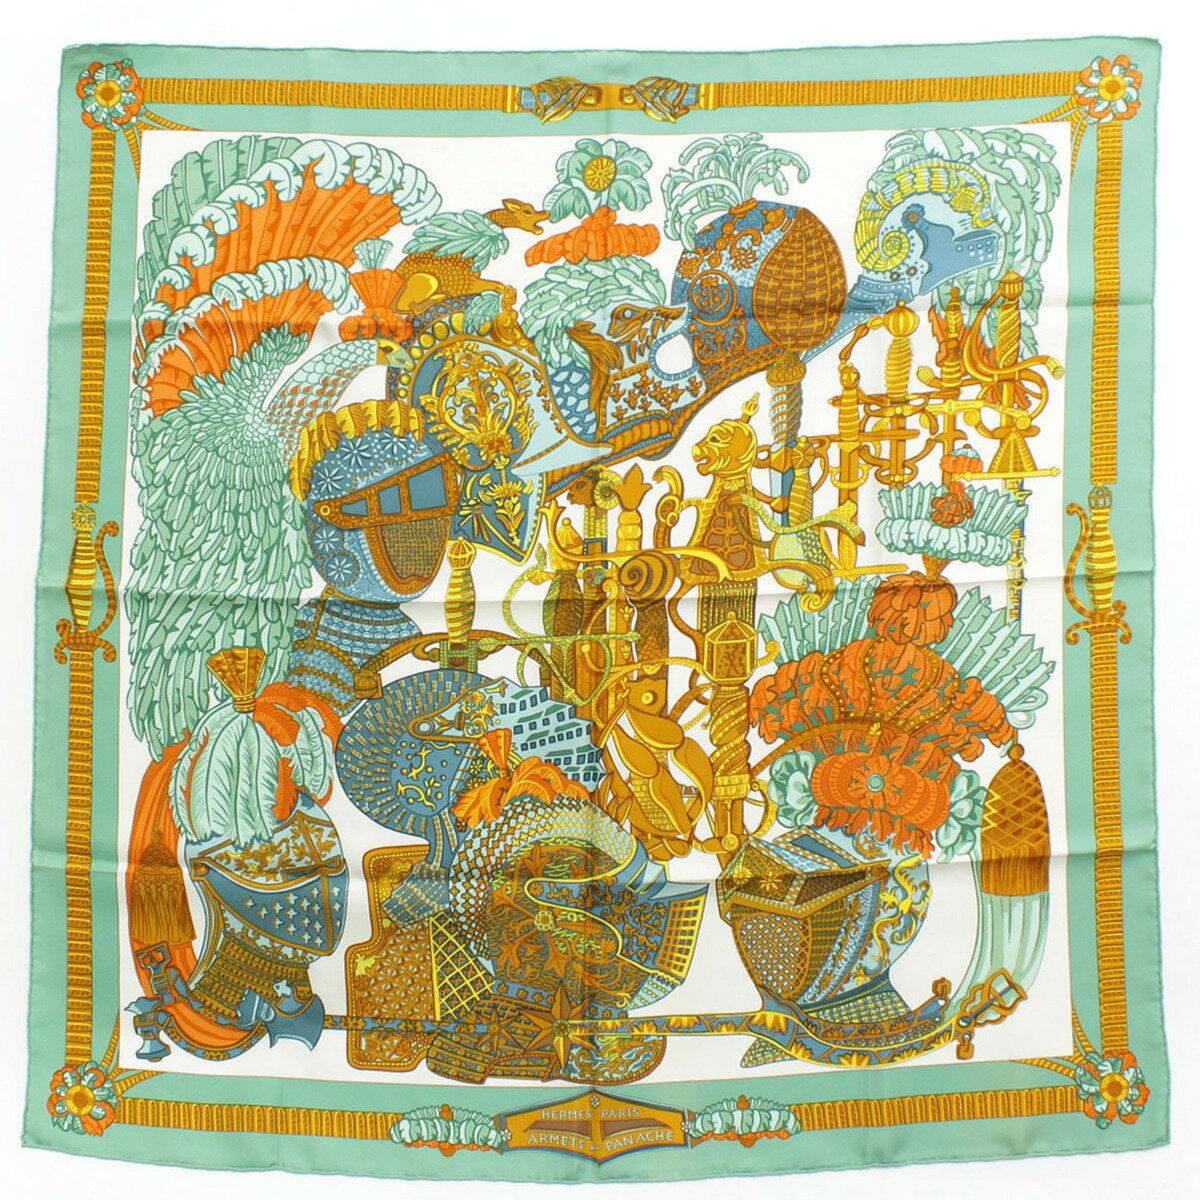 【エルメス】Hermes カレ90 シルクスカーフ ARMETS en PANACHE 羽飾りの騎兵兜 【中古】【鑑定済・正規品保証】26686